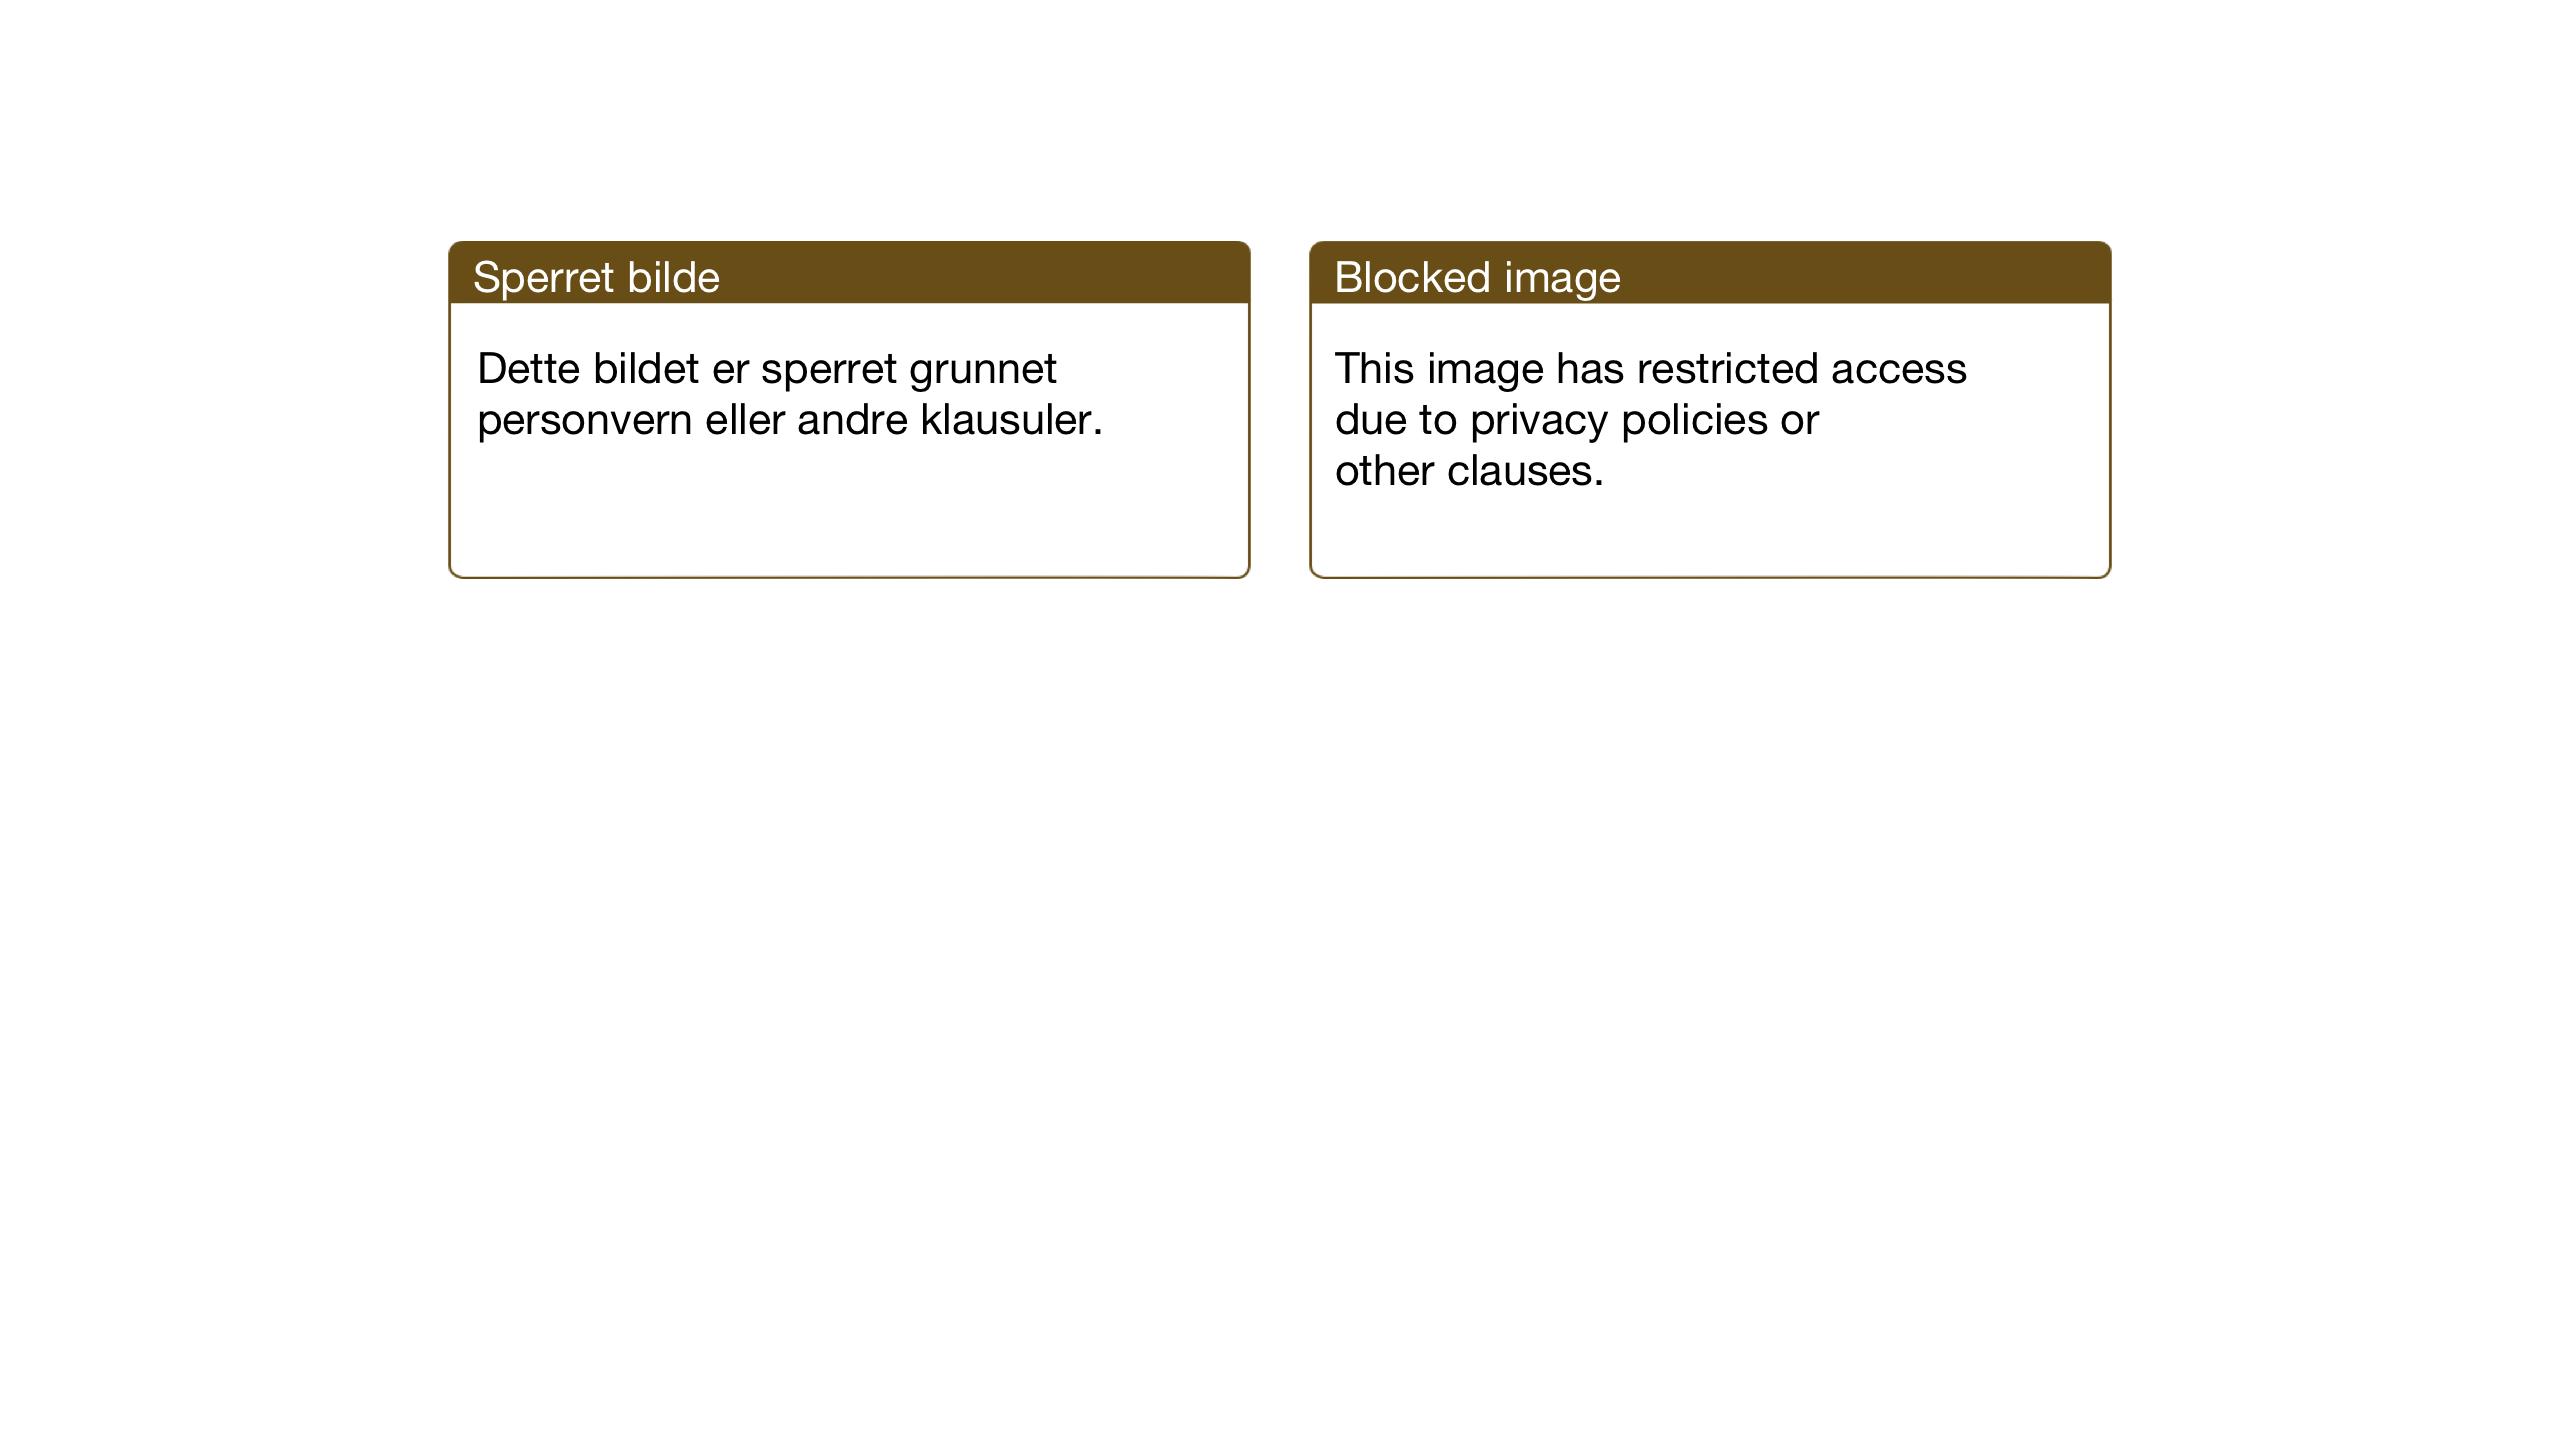 SAT, Ministerialprotokoller, klokkerbøker og fødselsregistre - Sør-Trøndelag, 640/L0590: Klokkerbok nr. 640C07, 1935-1948, s. 218